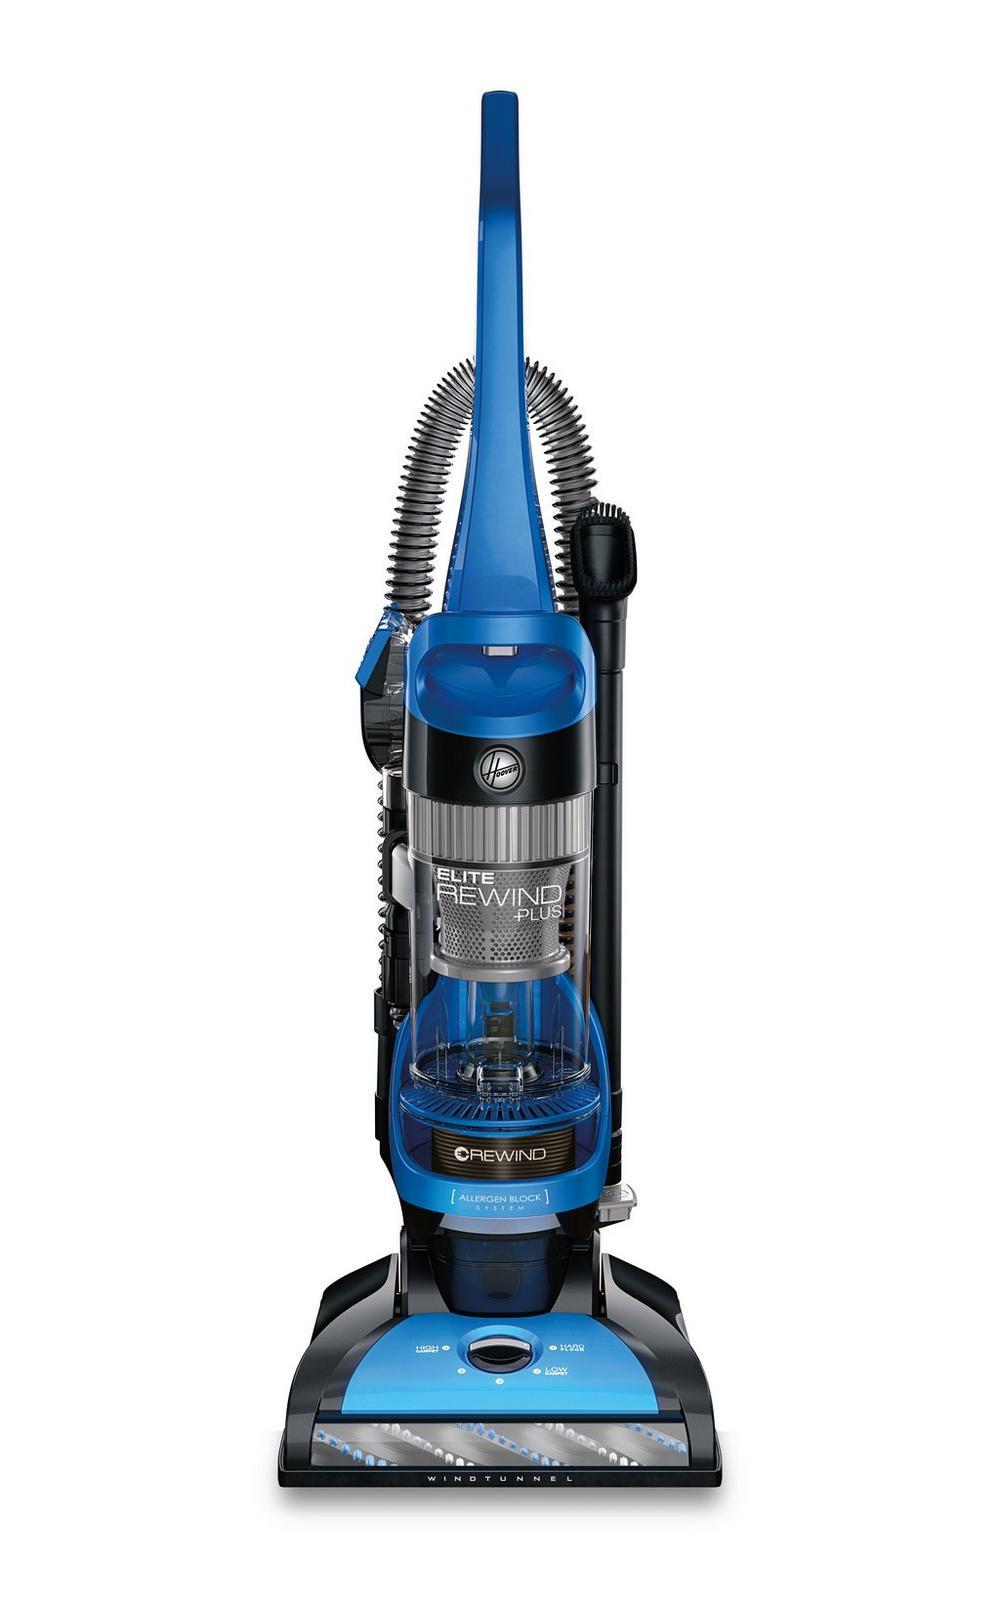 Elite Rewind Plus Upright Vacuum1